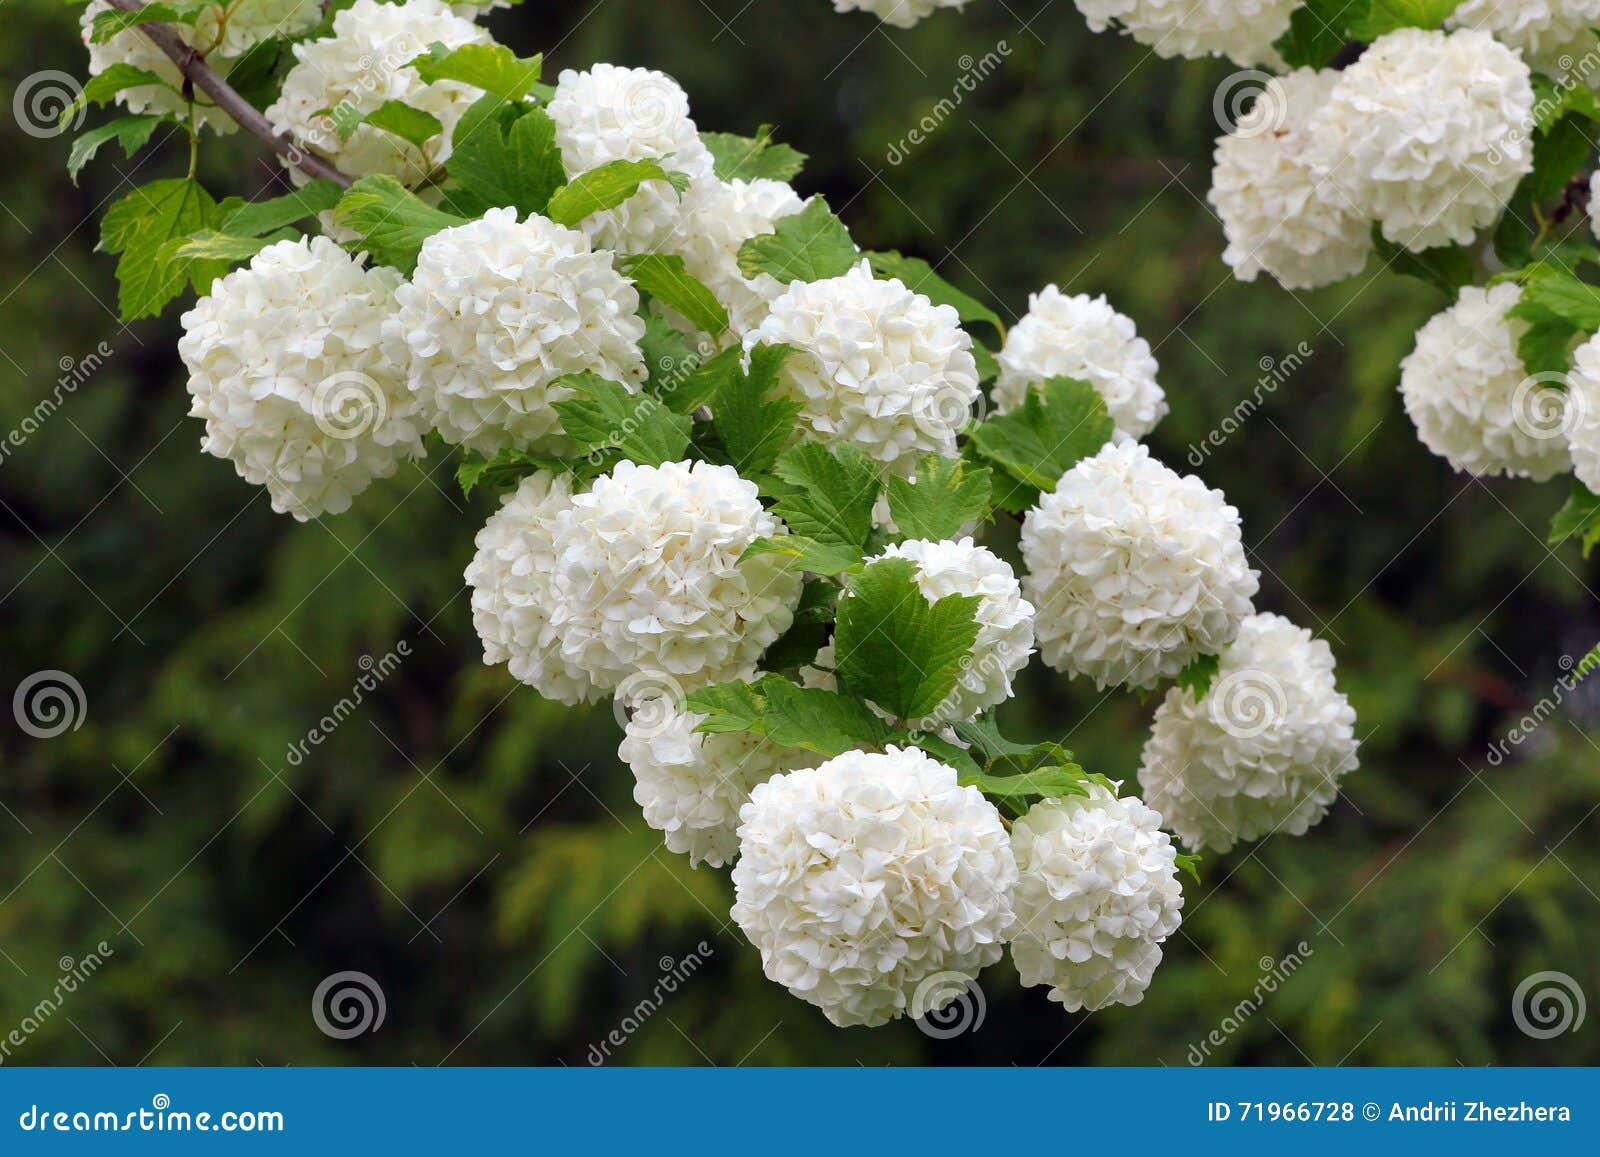 flores blancas del rbol floreciente de la bola de nieve foto de archivo imagen 71966728. Black Bedroom Furniture Sets. Home Design Ideas